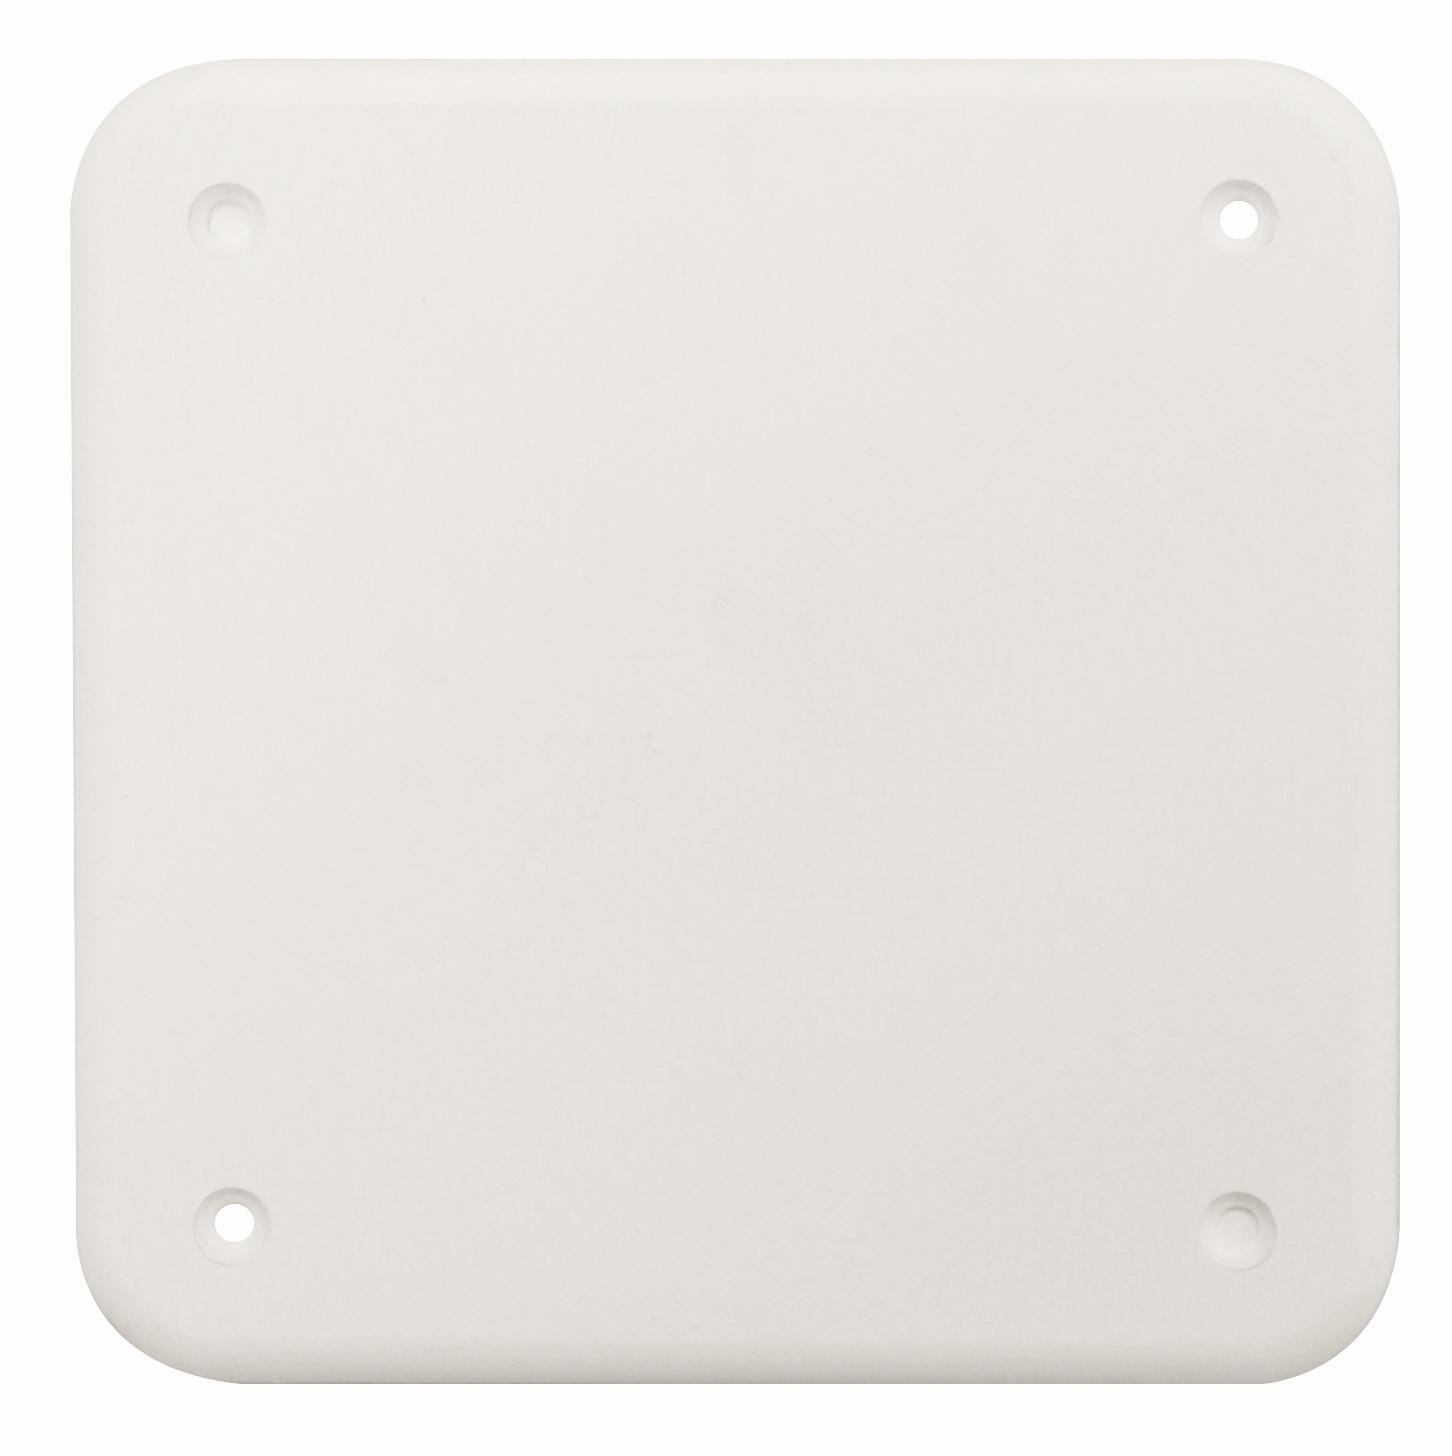 100 Stk Ersatzdeckel weiß für UP-Abzweigkasten 100x100mm GTDW141 GTDW141D--